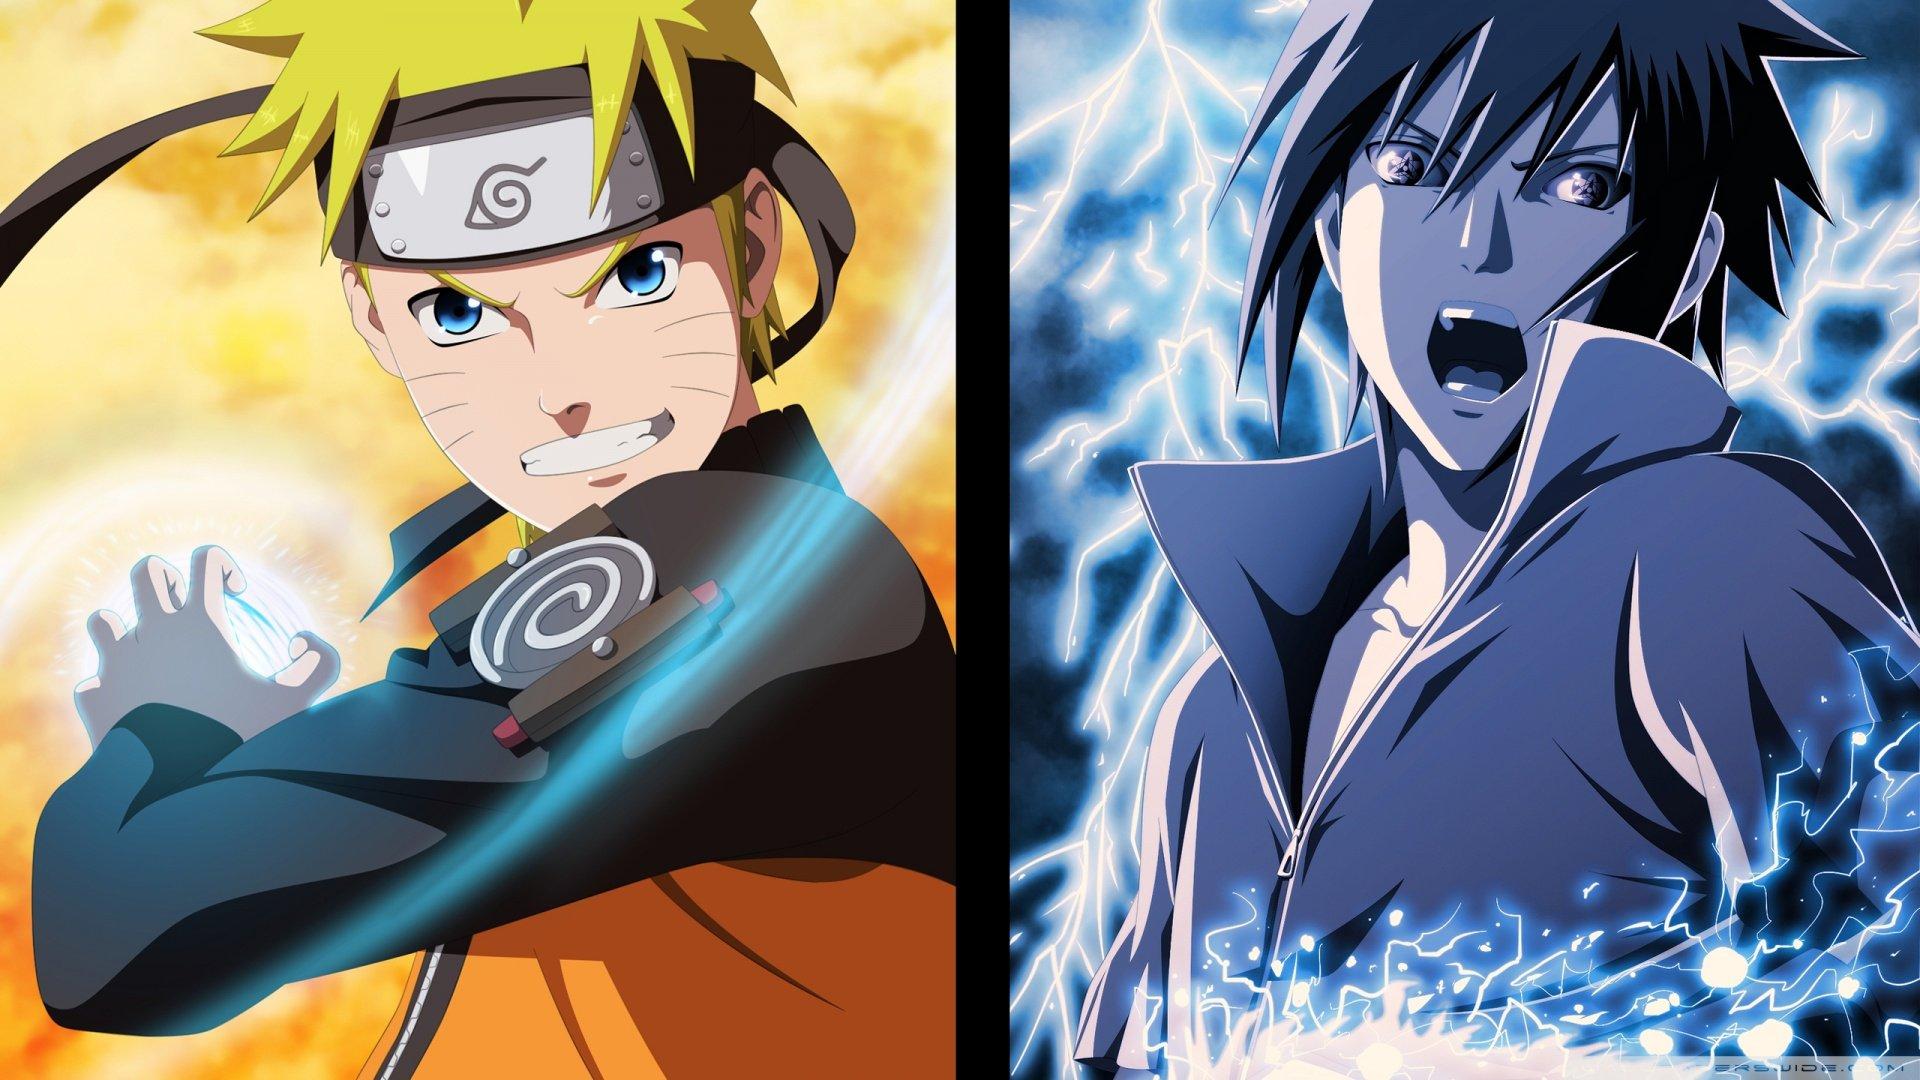 Top Wallpaper Naruto Blue - Naruto-sasuke-wallpaper-hs-06  2018_1001865.jpg